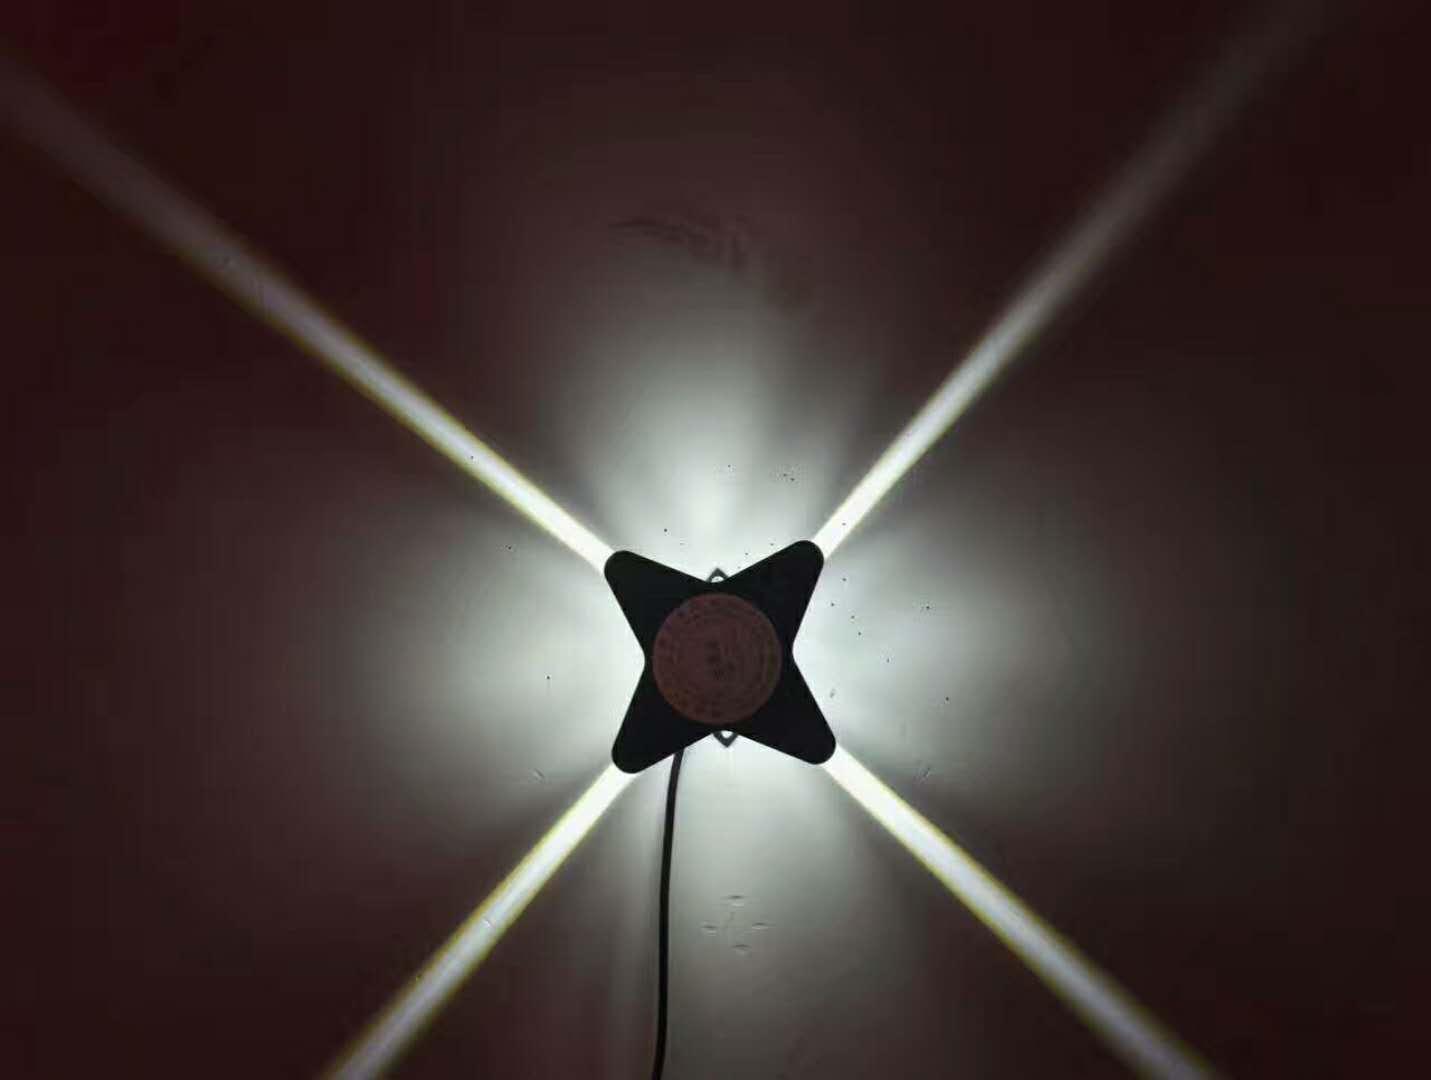 广西投光灯厂家直销 广西投光灯厂家 湖南投光灯批发 贵州投光灯采购平台